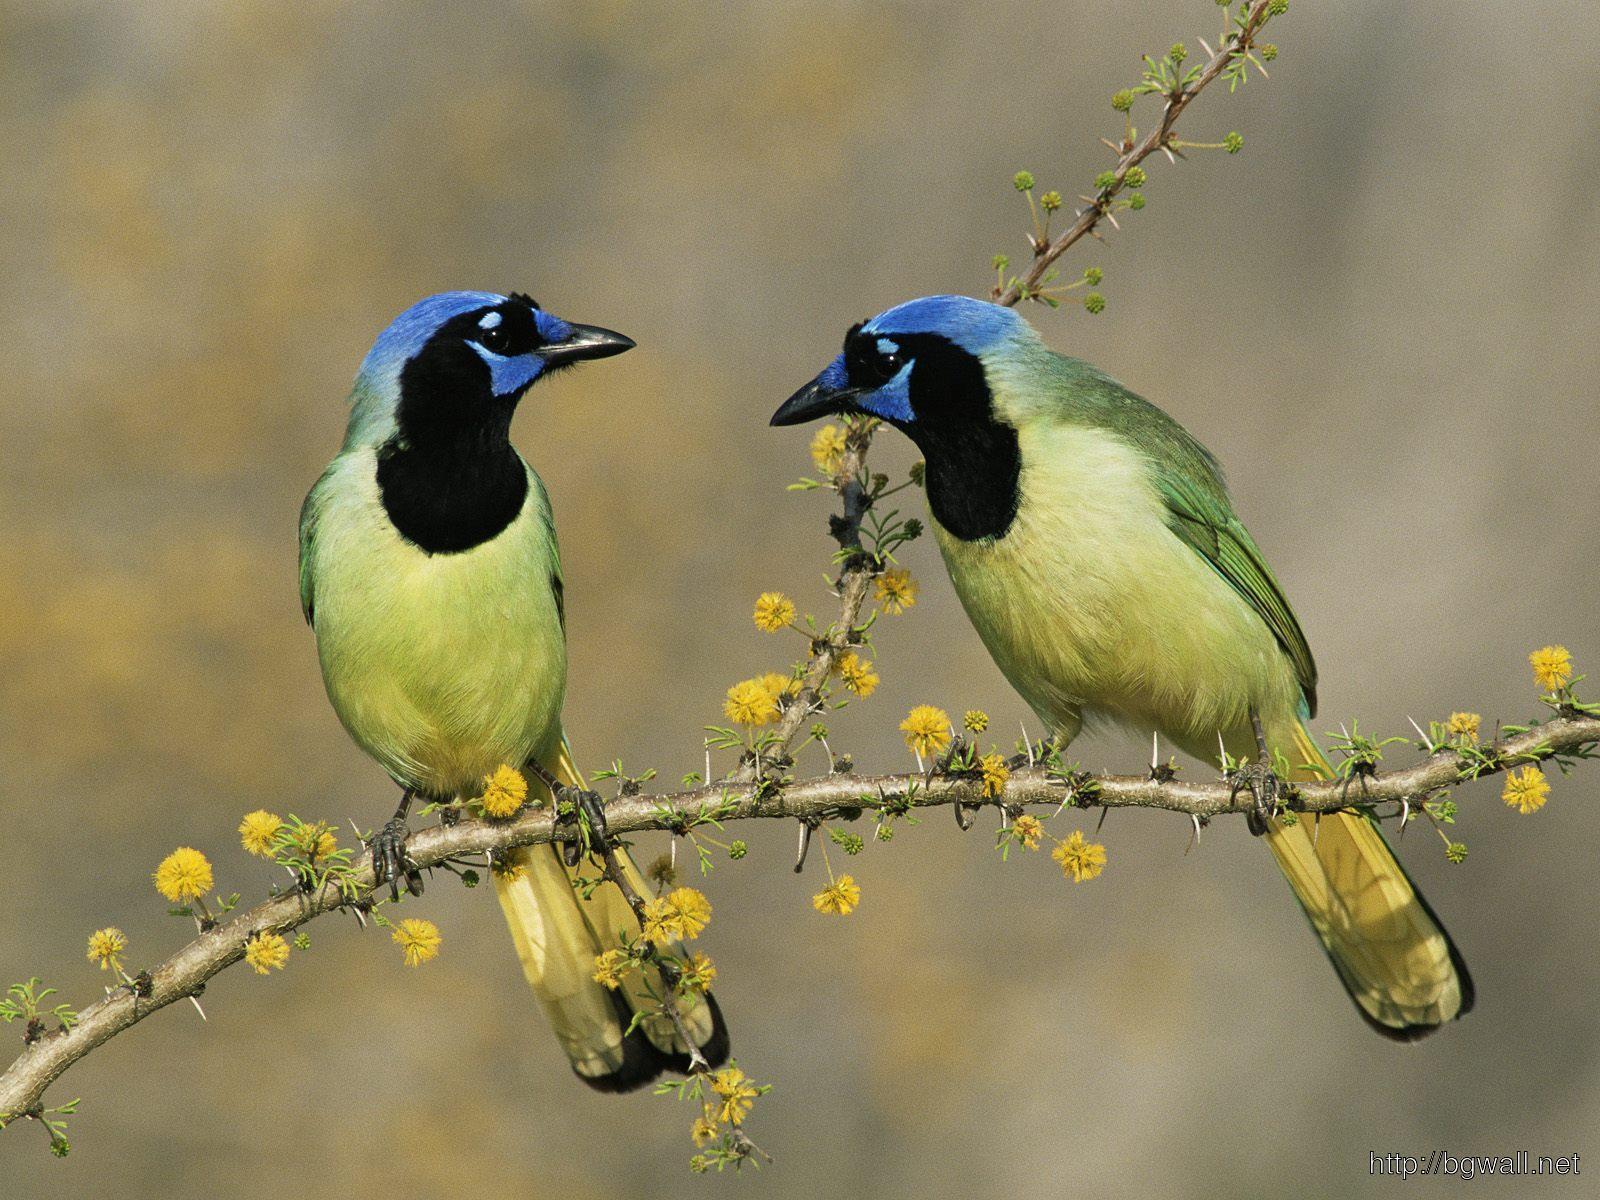 Bird-Downlod-Wallpaper